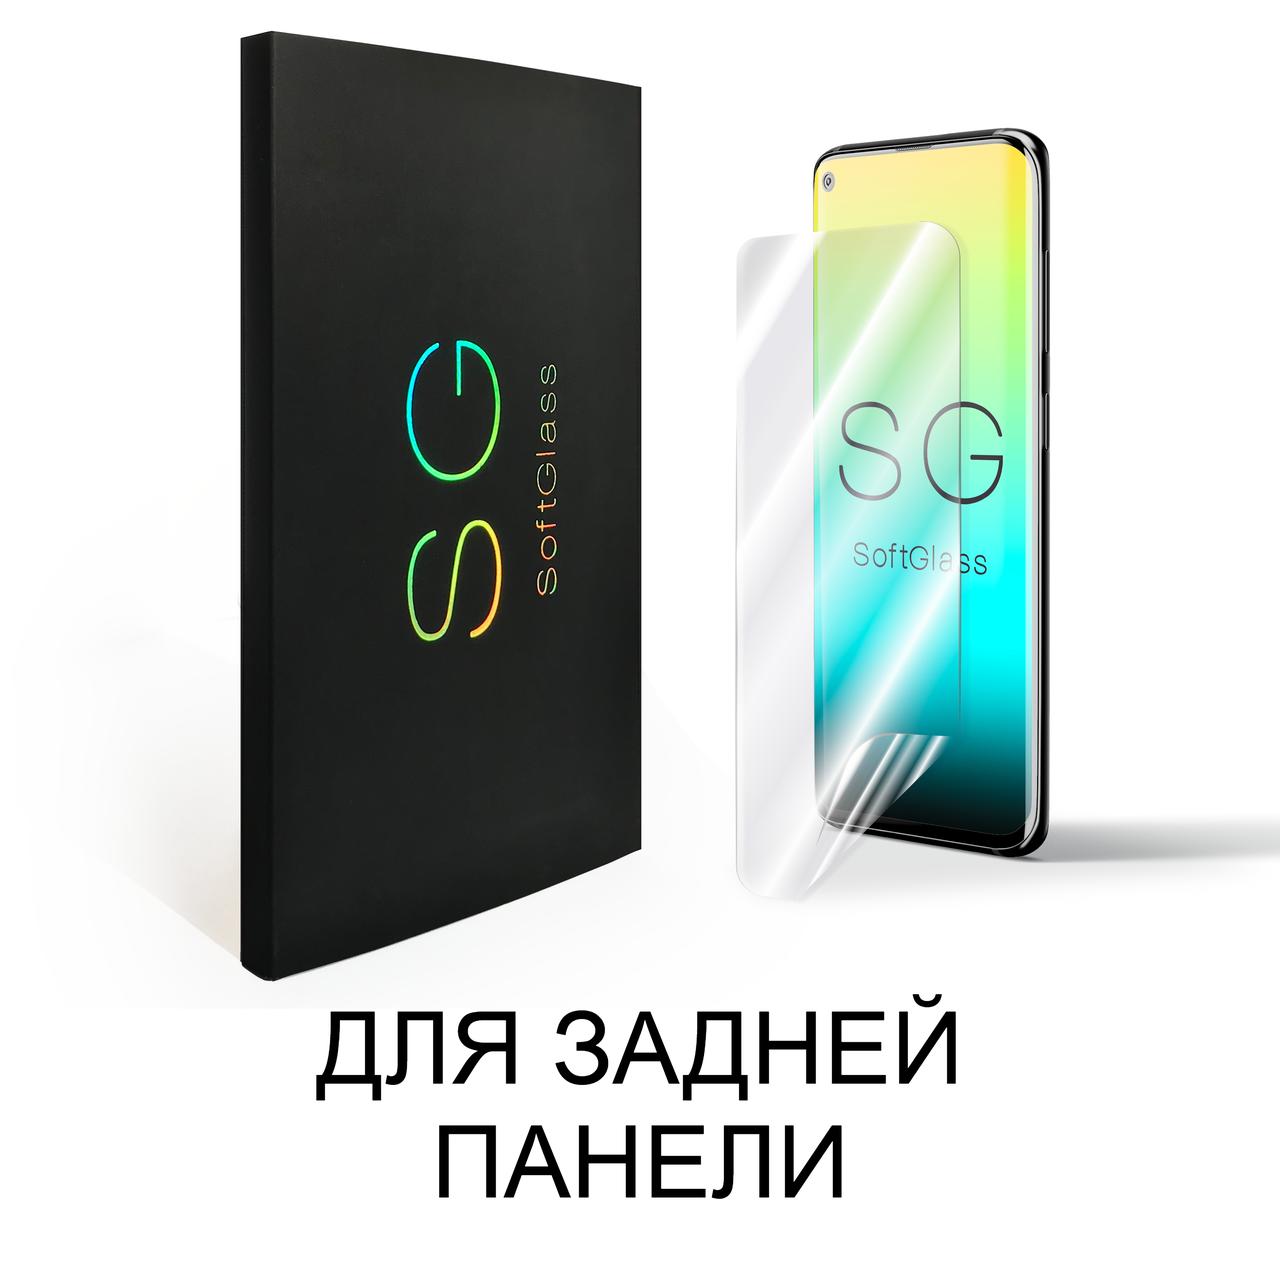 Мягкое стекло Sony Xperia XZ Premium G8142 Задняя